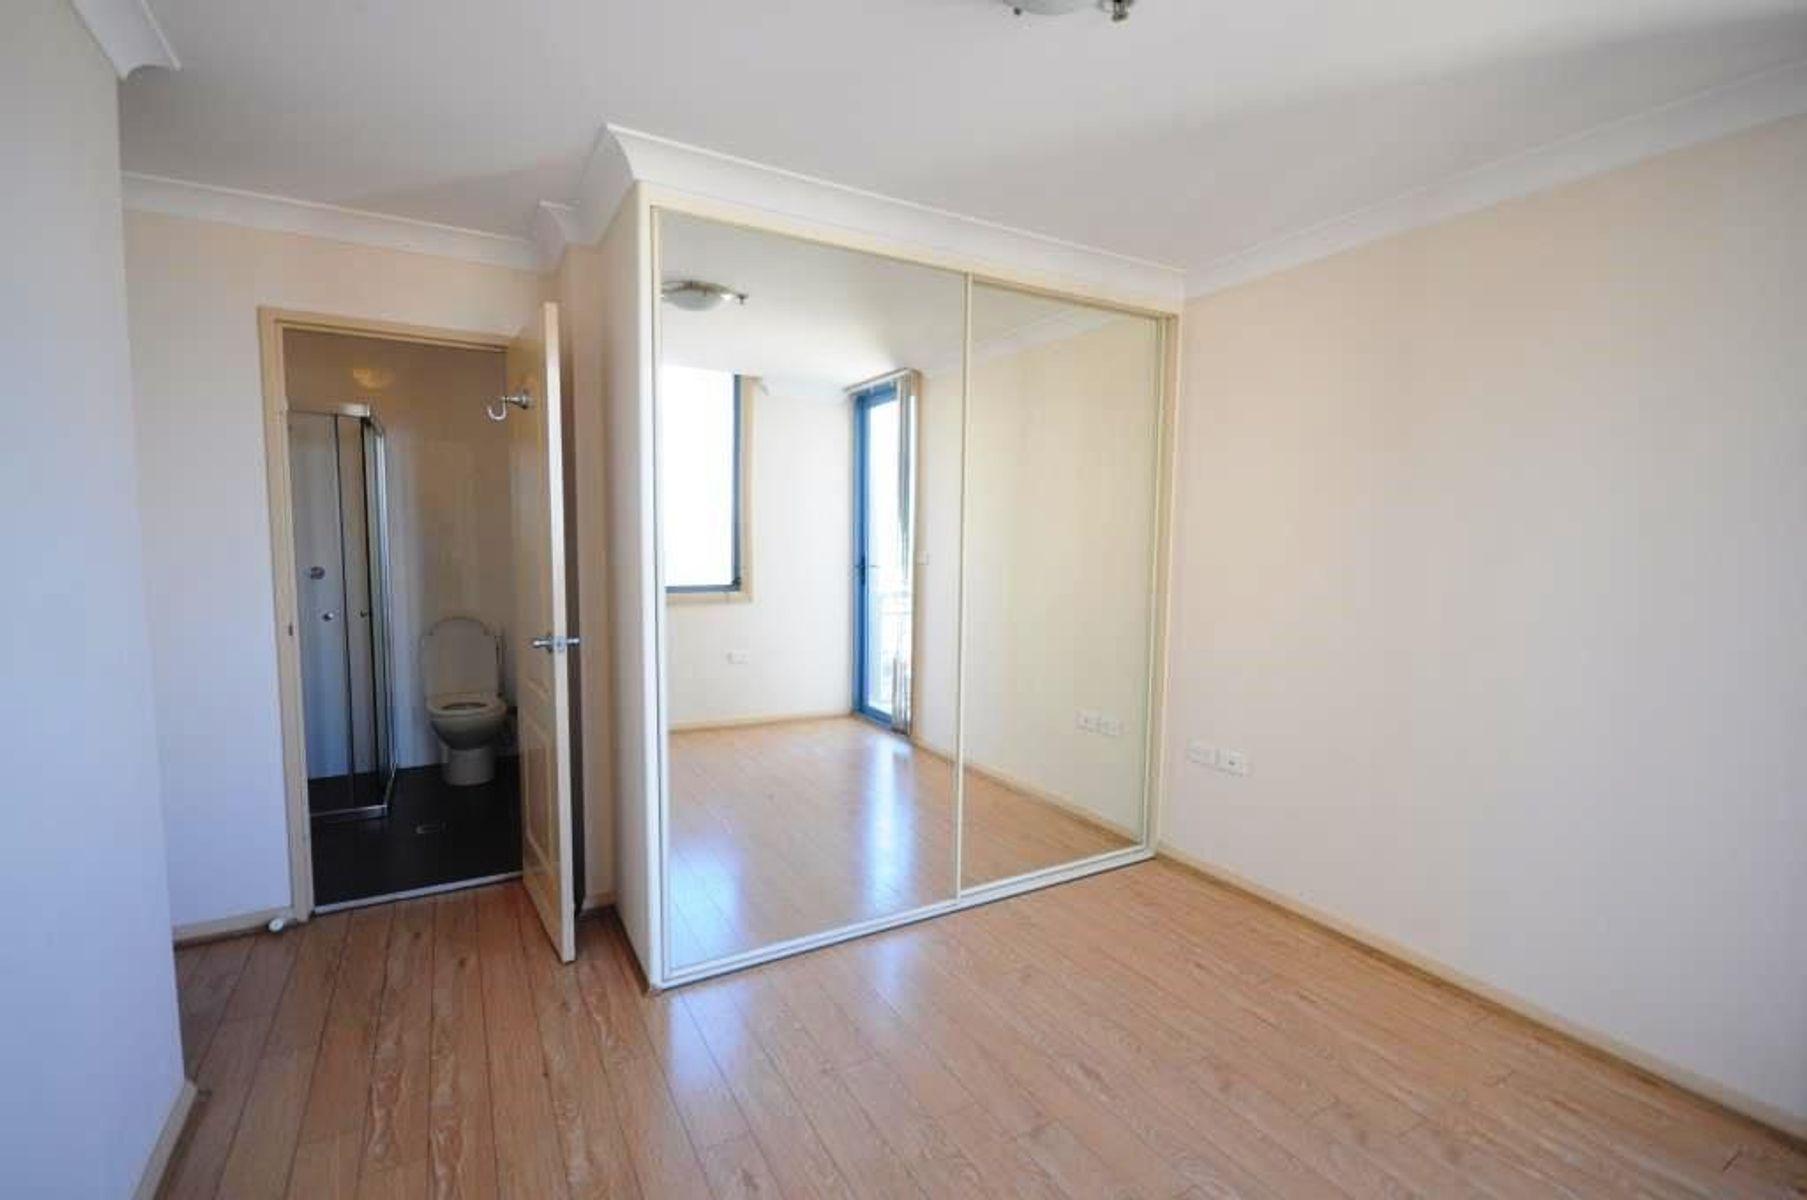 59/14 Hassall Srreet, Parramatta, NSW 2150